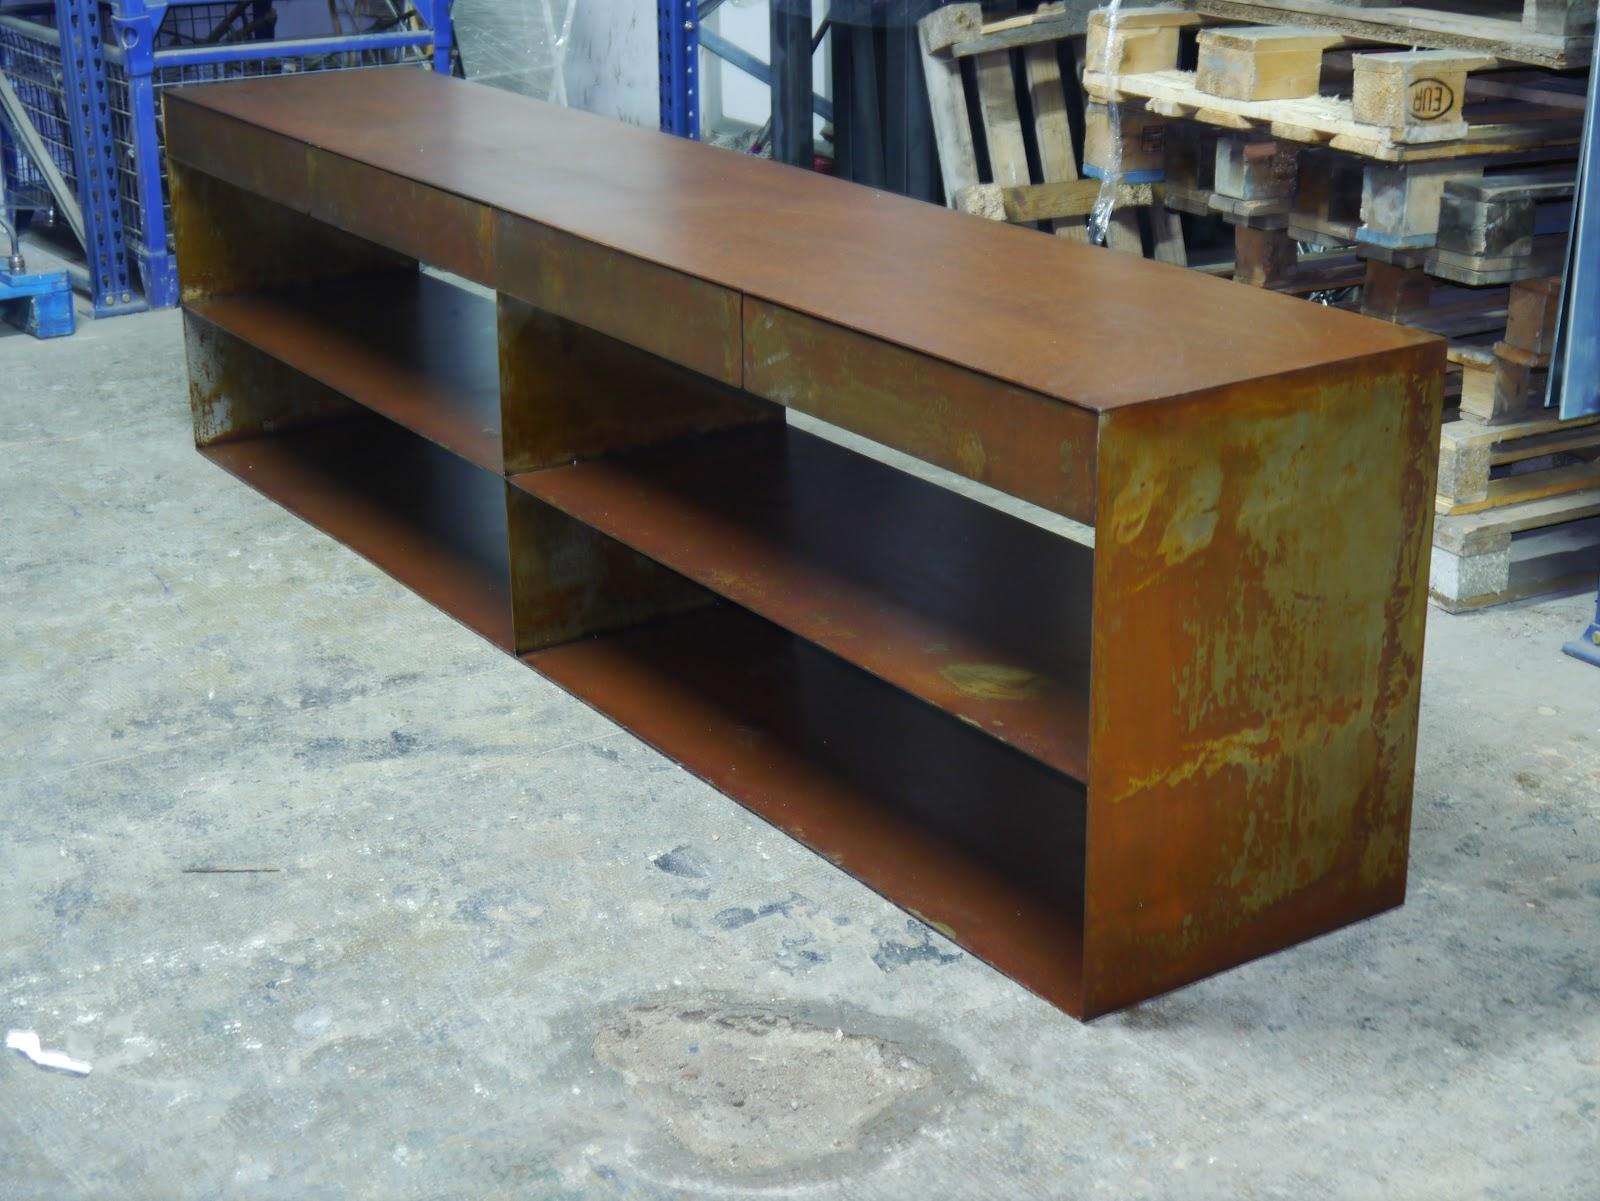 Estanteria vertical mesas y sillas de estilo vintage - Muebles de hierro ...